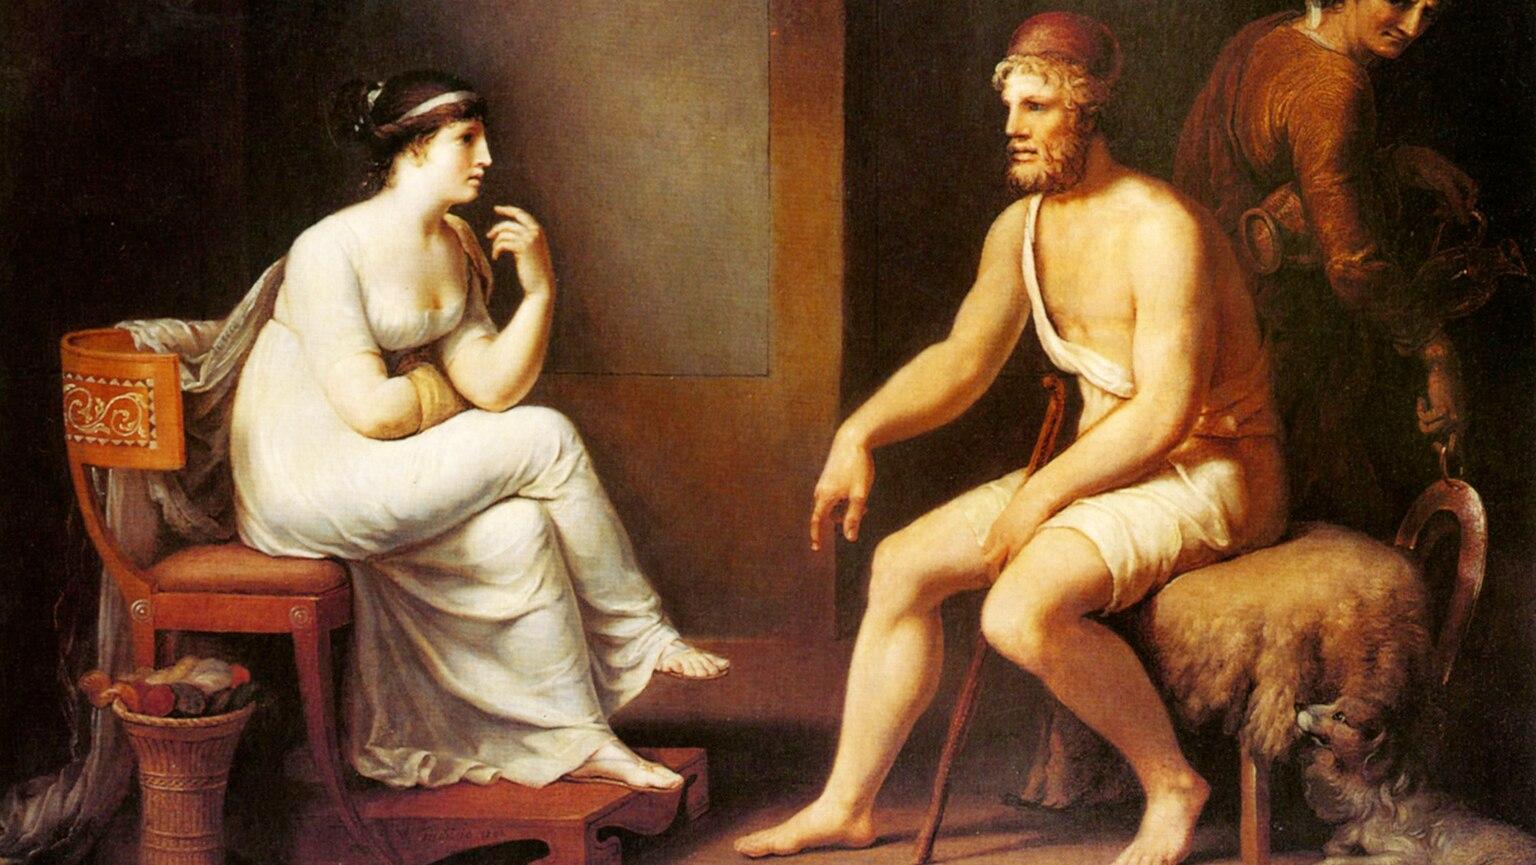 Odysseus, Master of Schemes